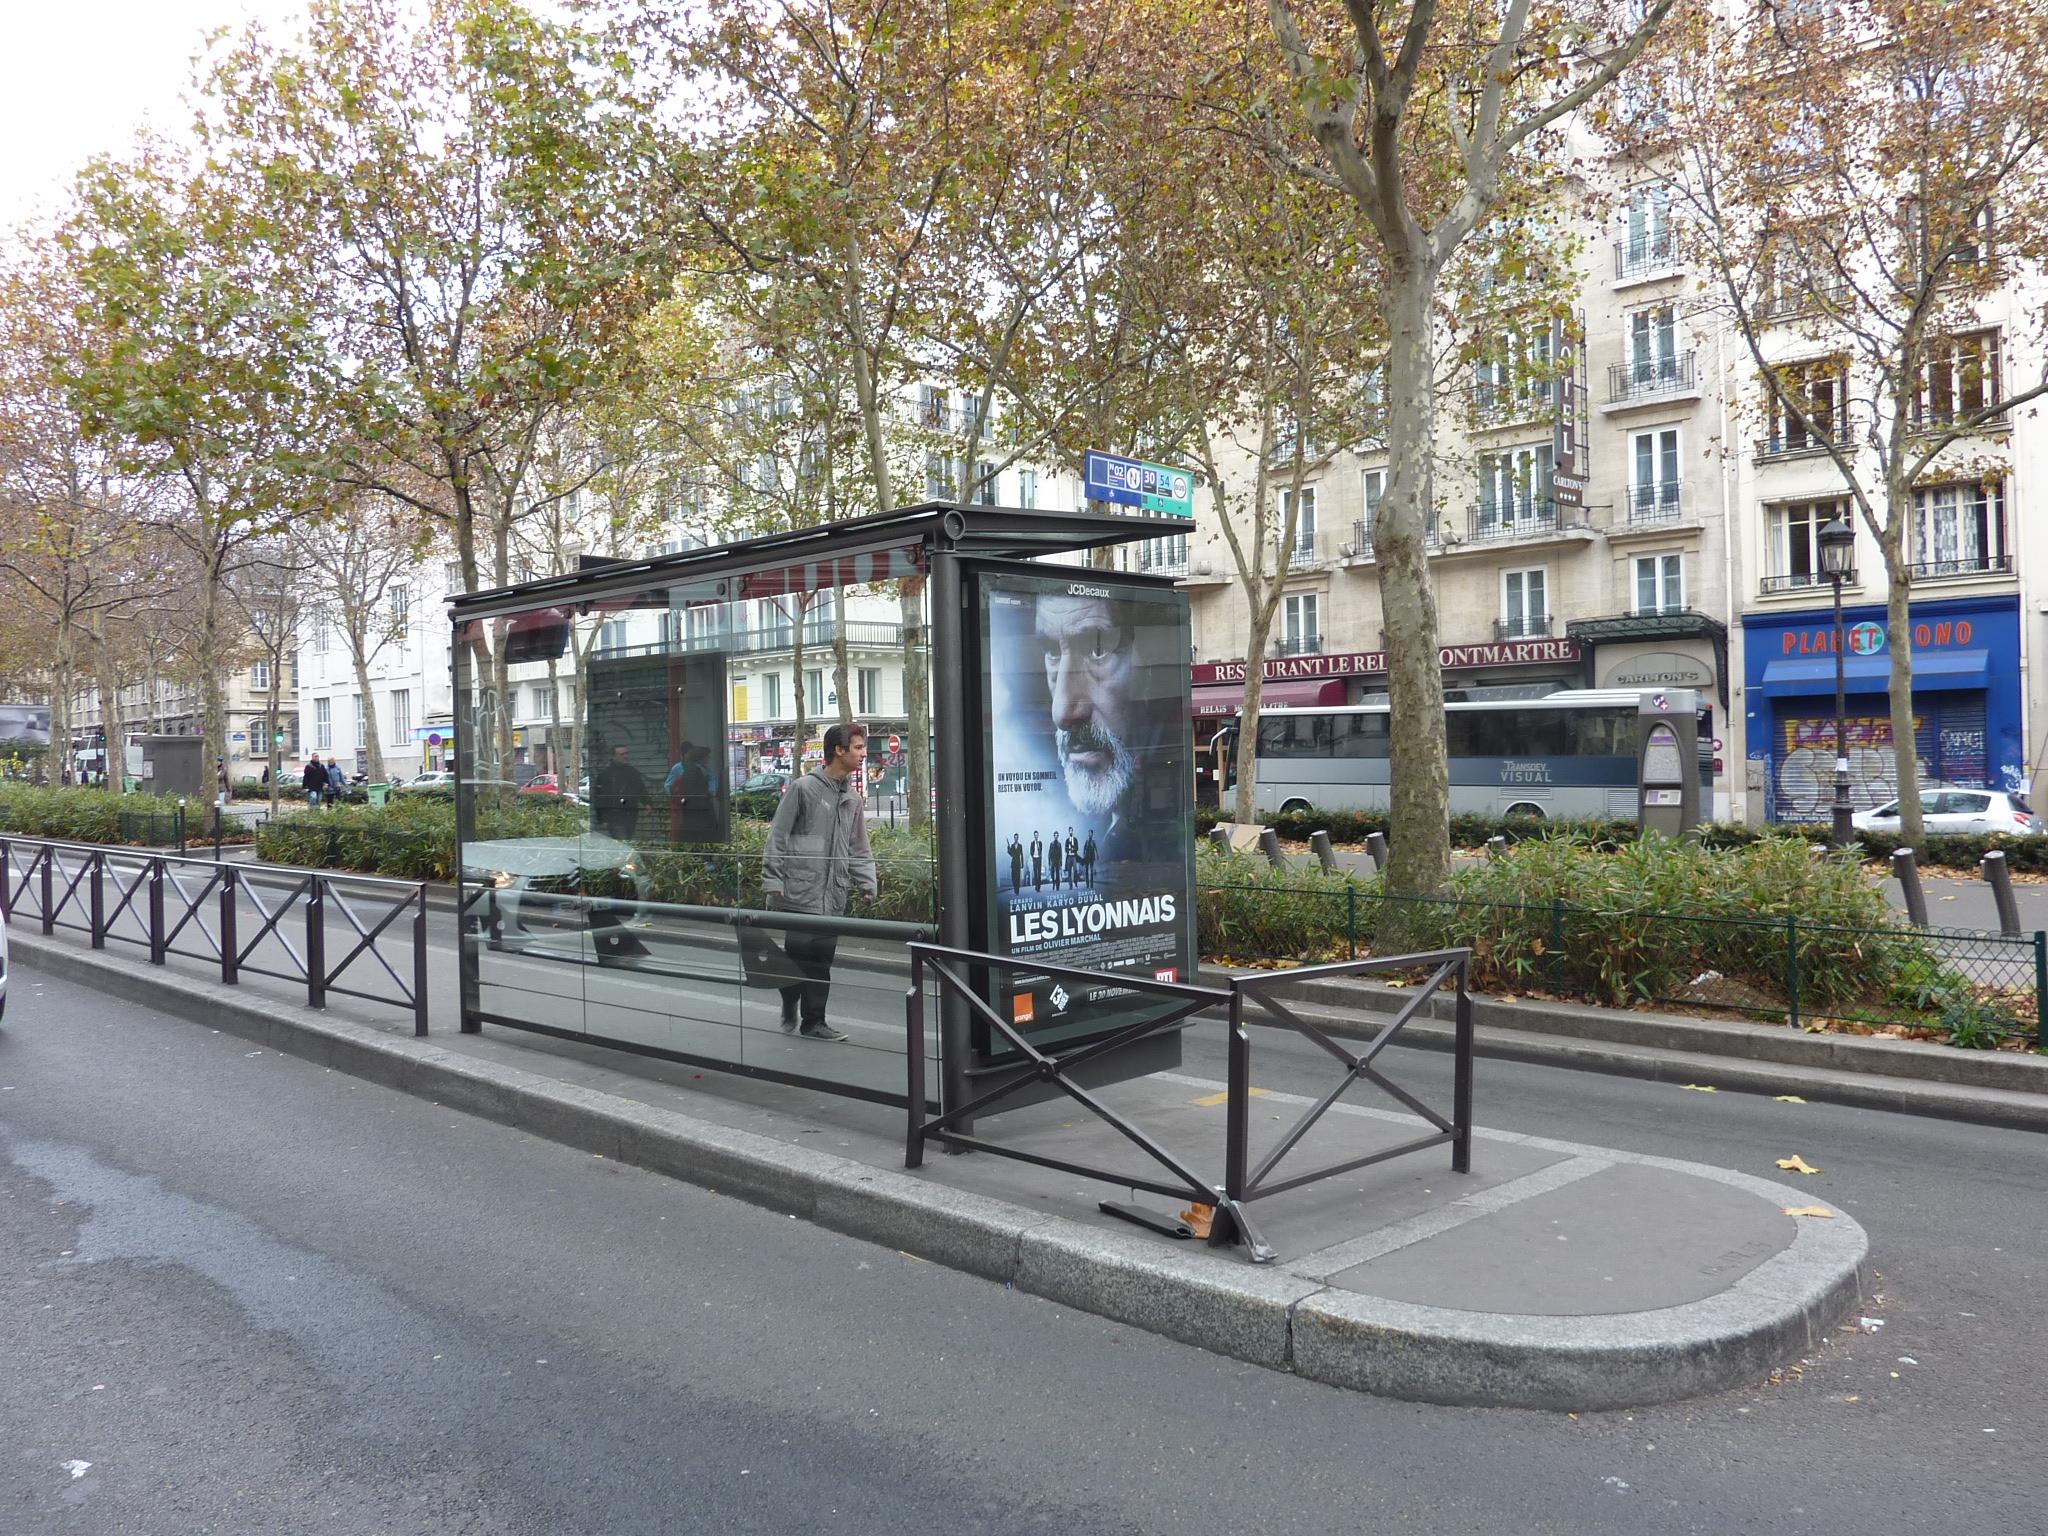 Francie, Paříž, Montmartre, 27.11.2011